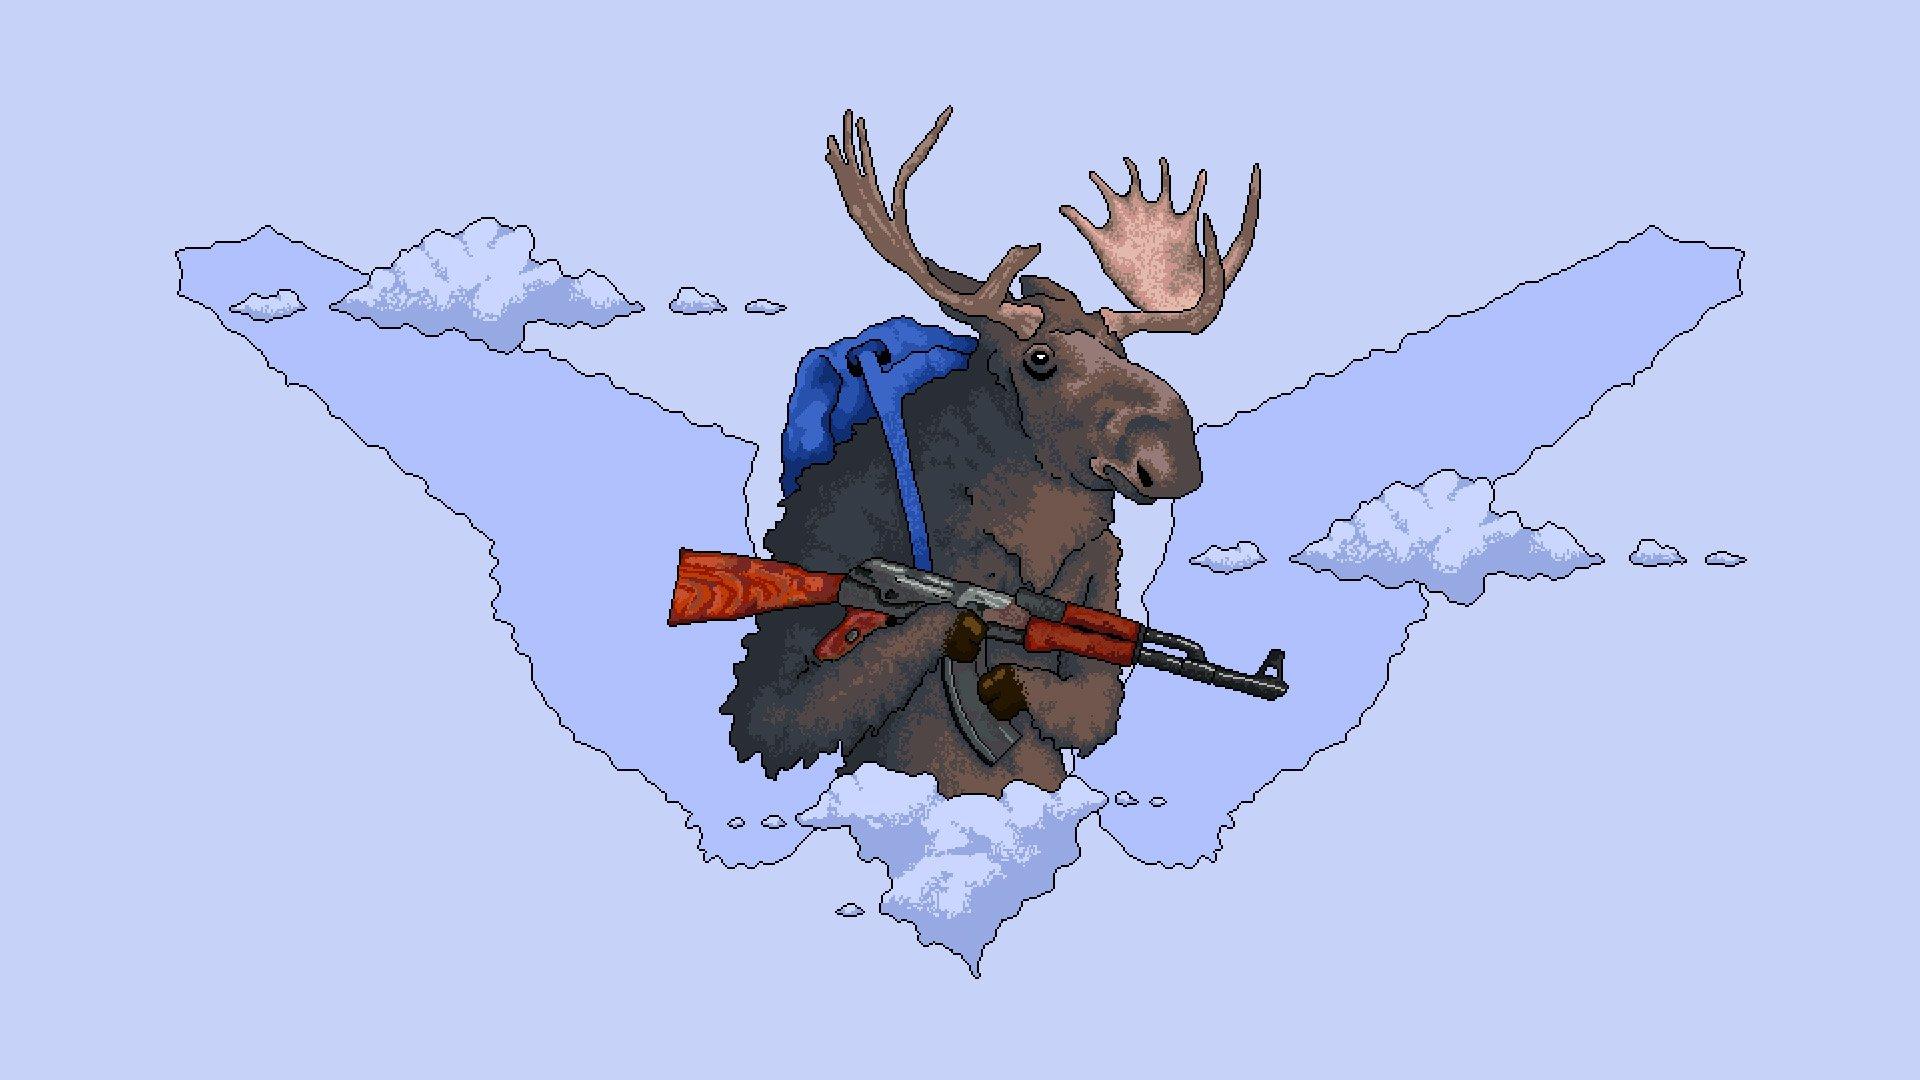 The Big Elk - Полноценный релиз!  - Изображение 1